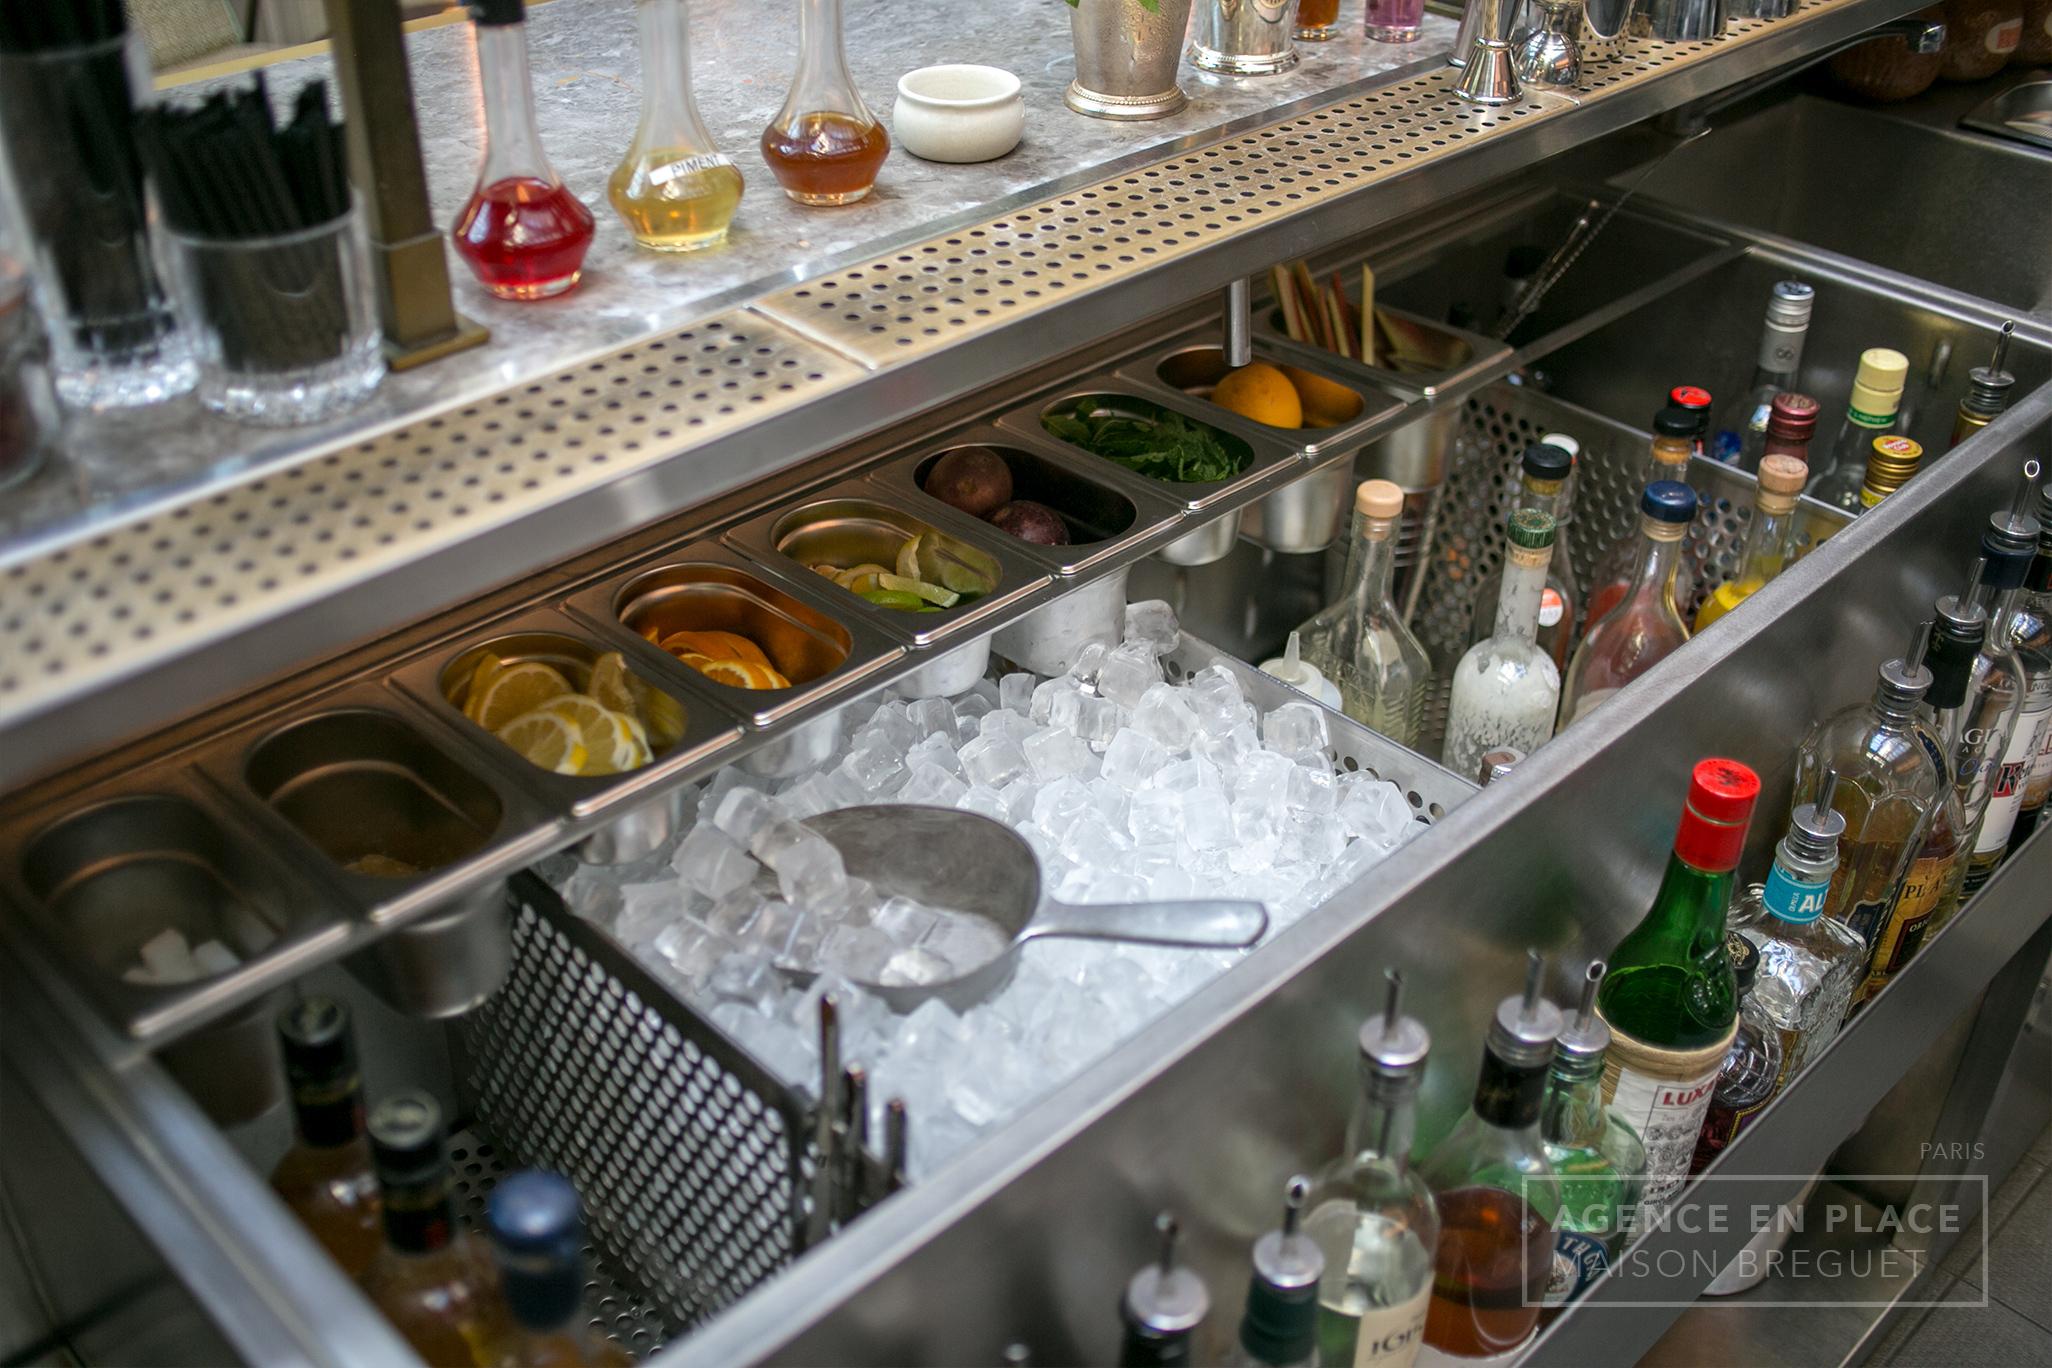 maison-breguet-agenceenplace-cocktailsbar-006